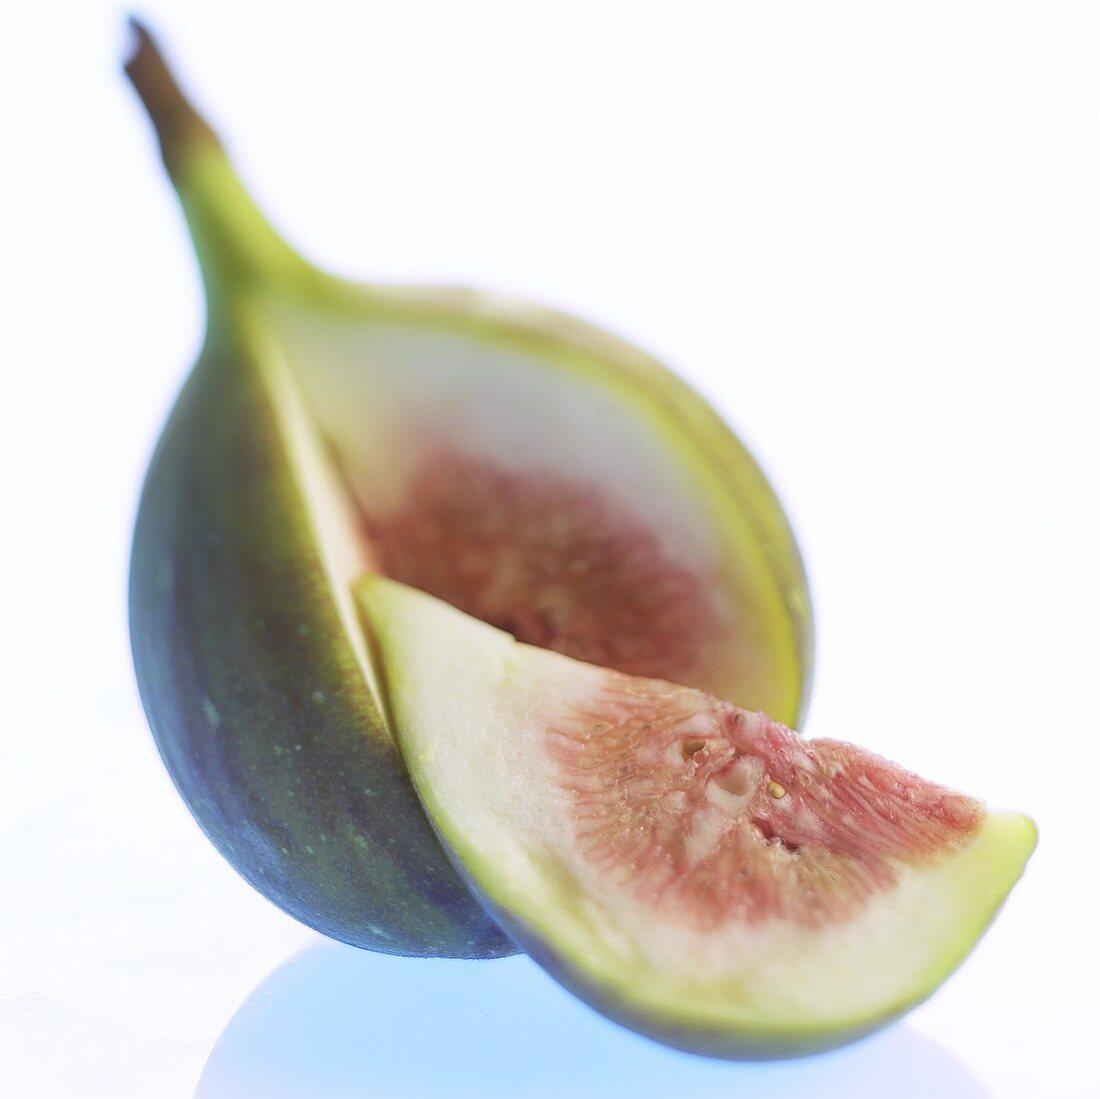 Fig, cut open